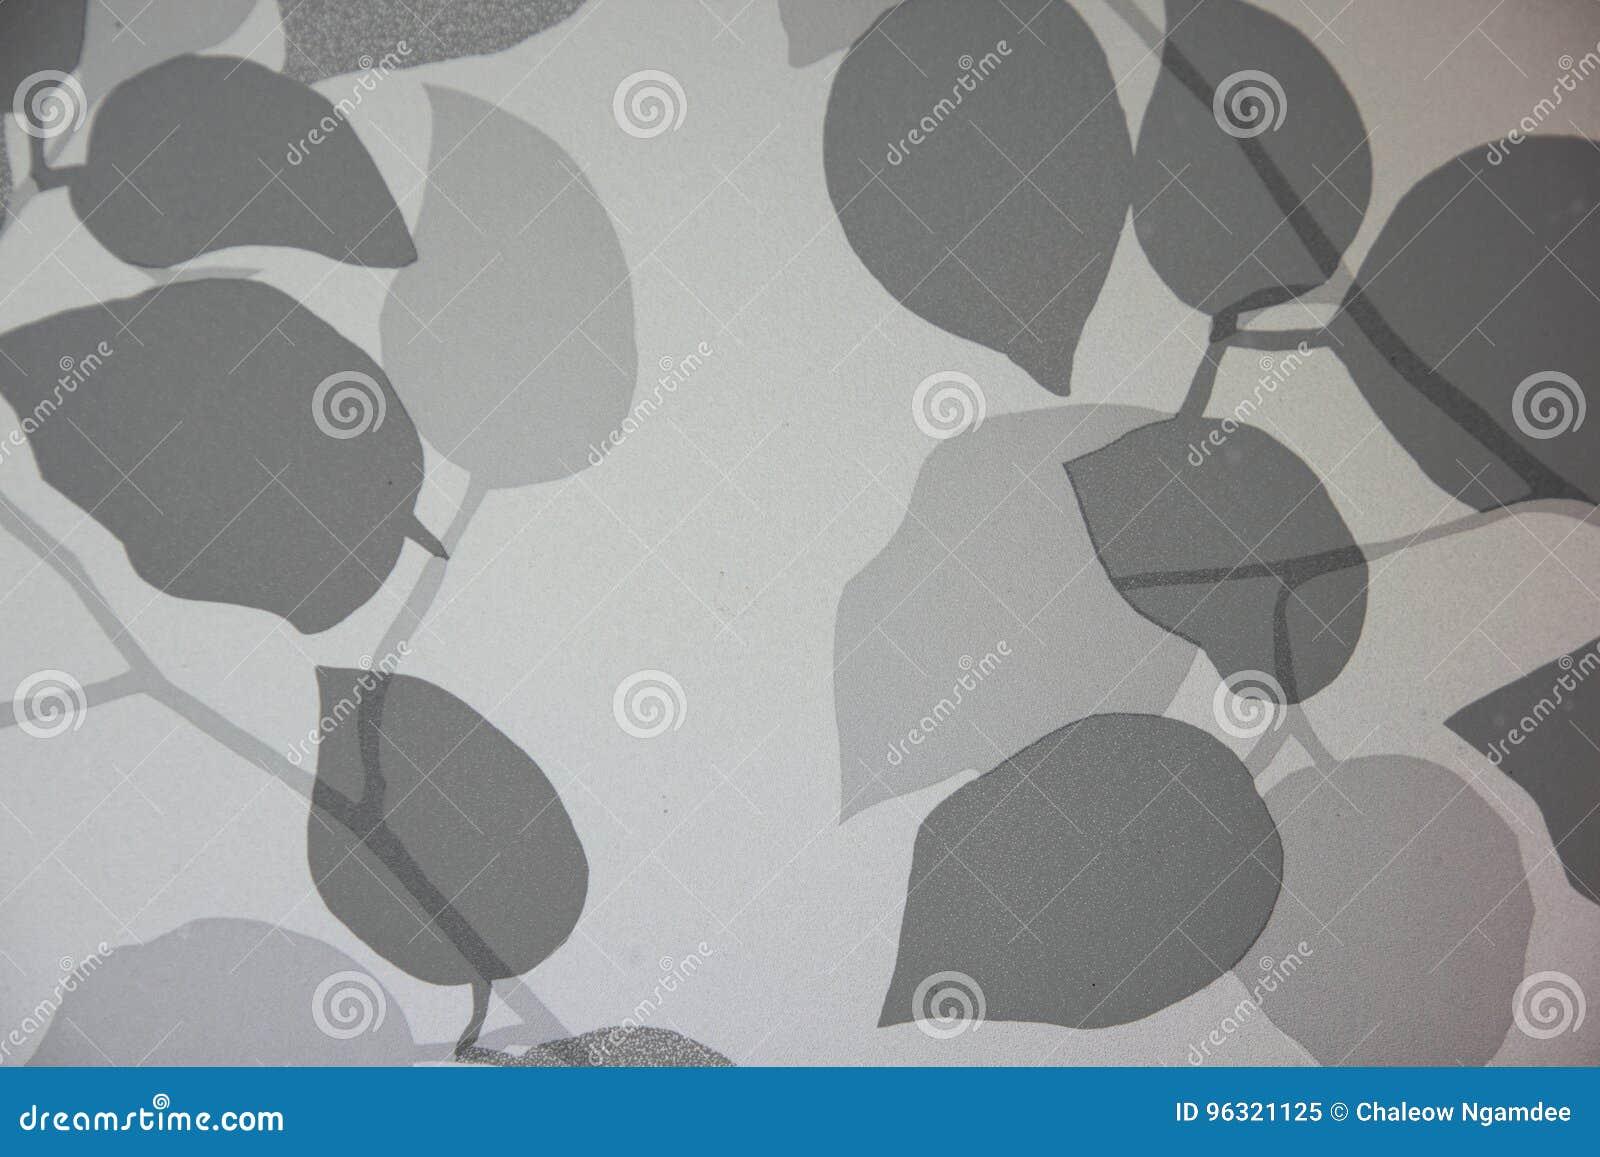 Folha da sombra